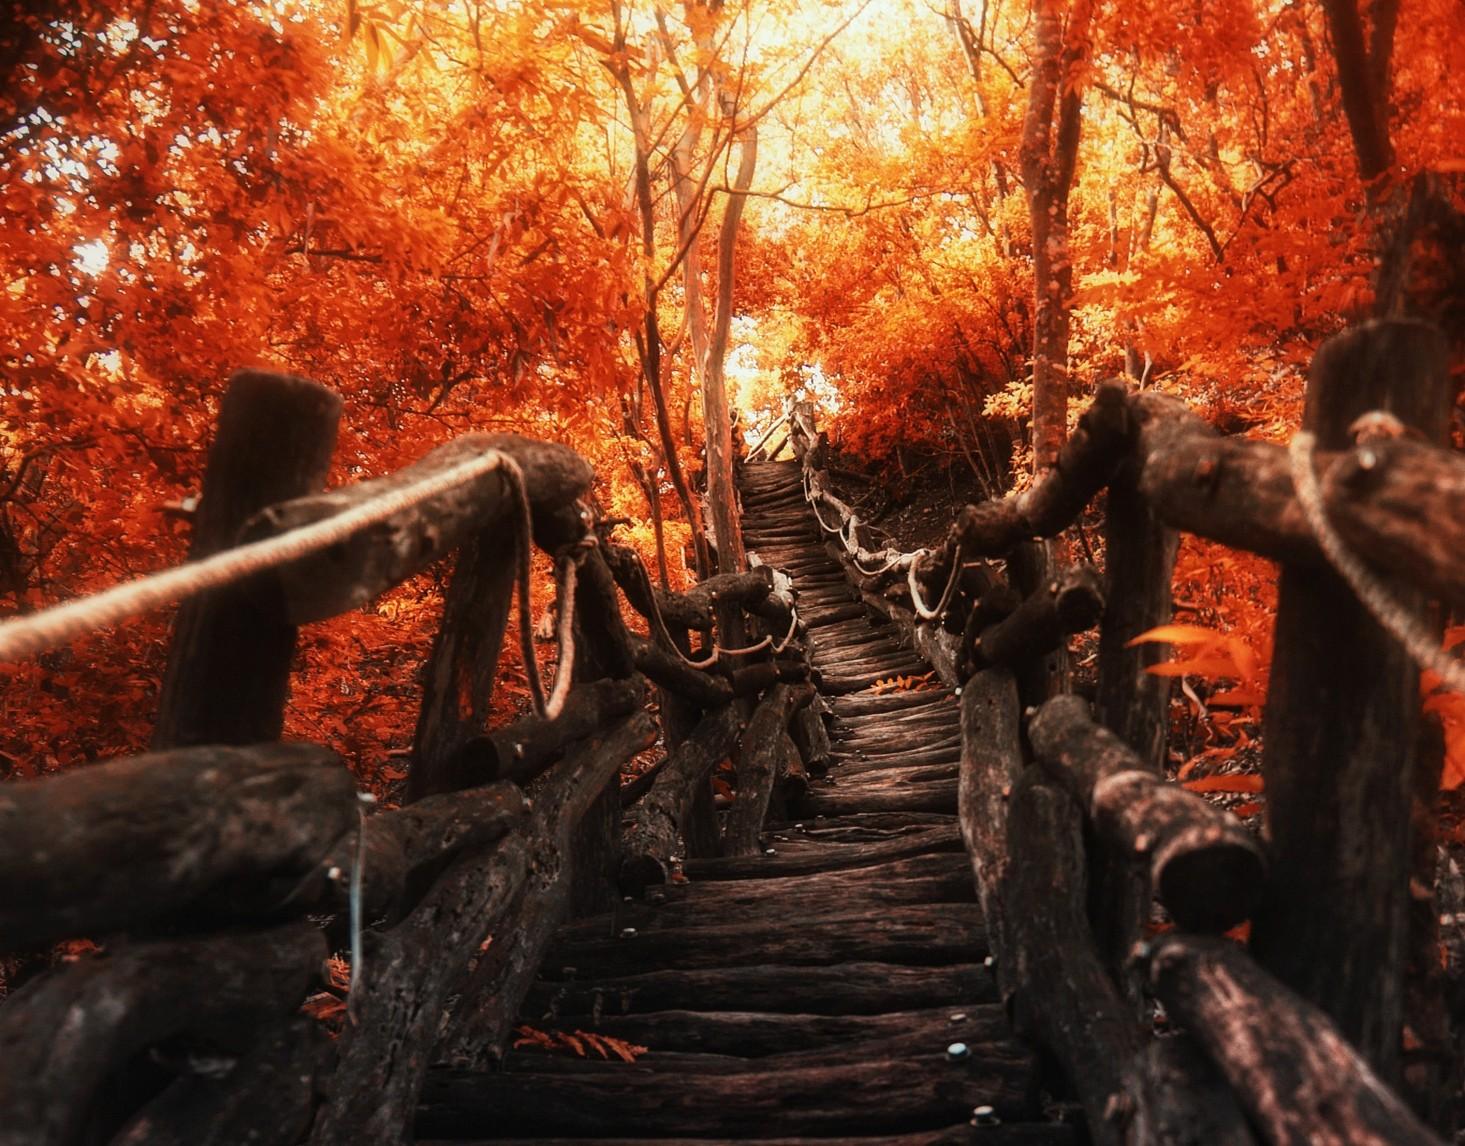 Ánh sáng mặt trời cây phong cảnh rừng ngã thiên nhiên Đỏ con đường Đi bộ